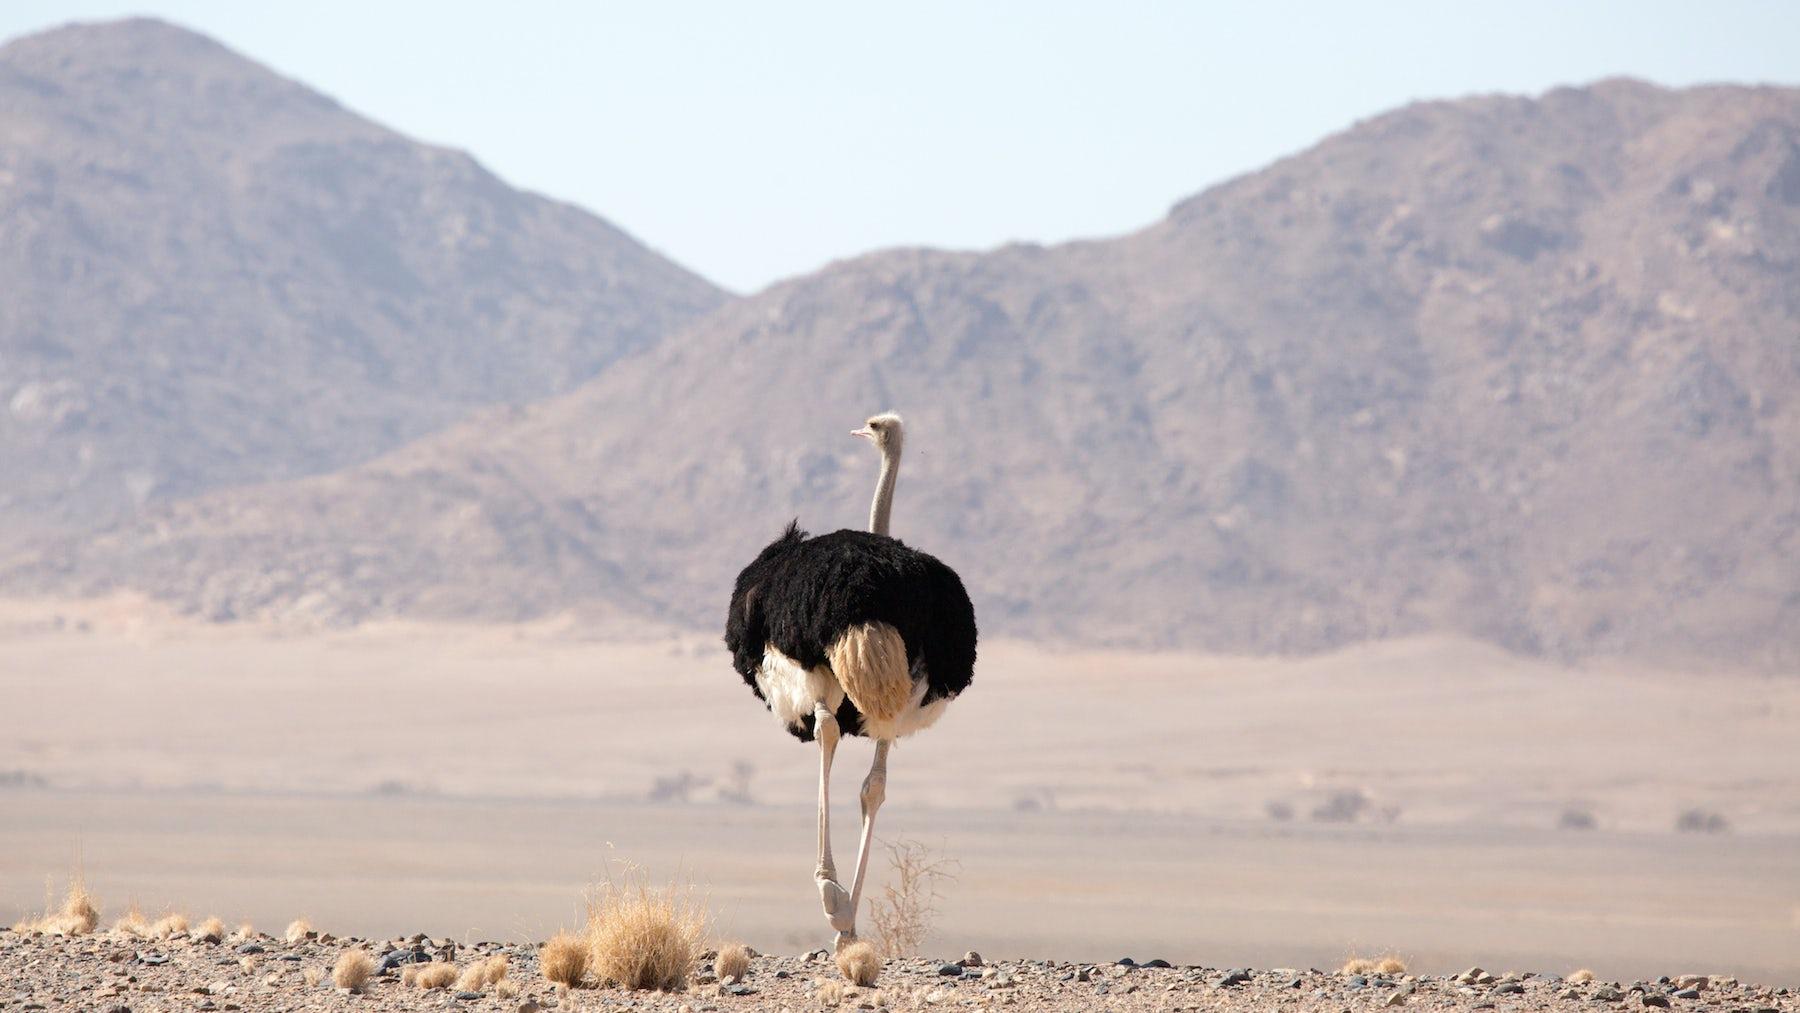 Ostrich traversing sand | Source: Shutterstock